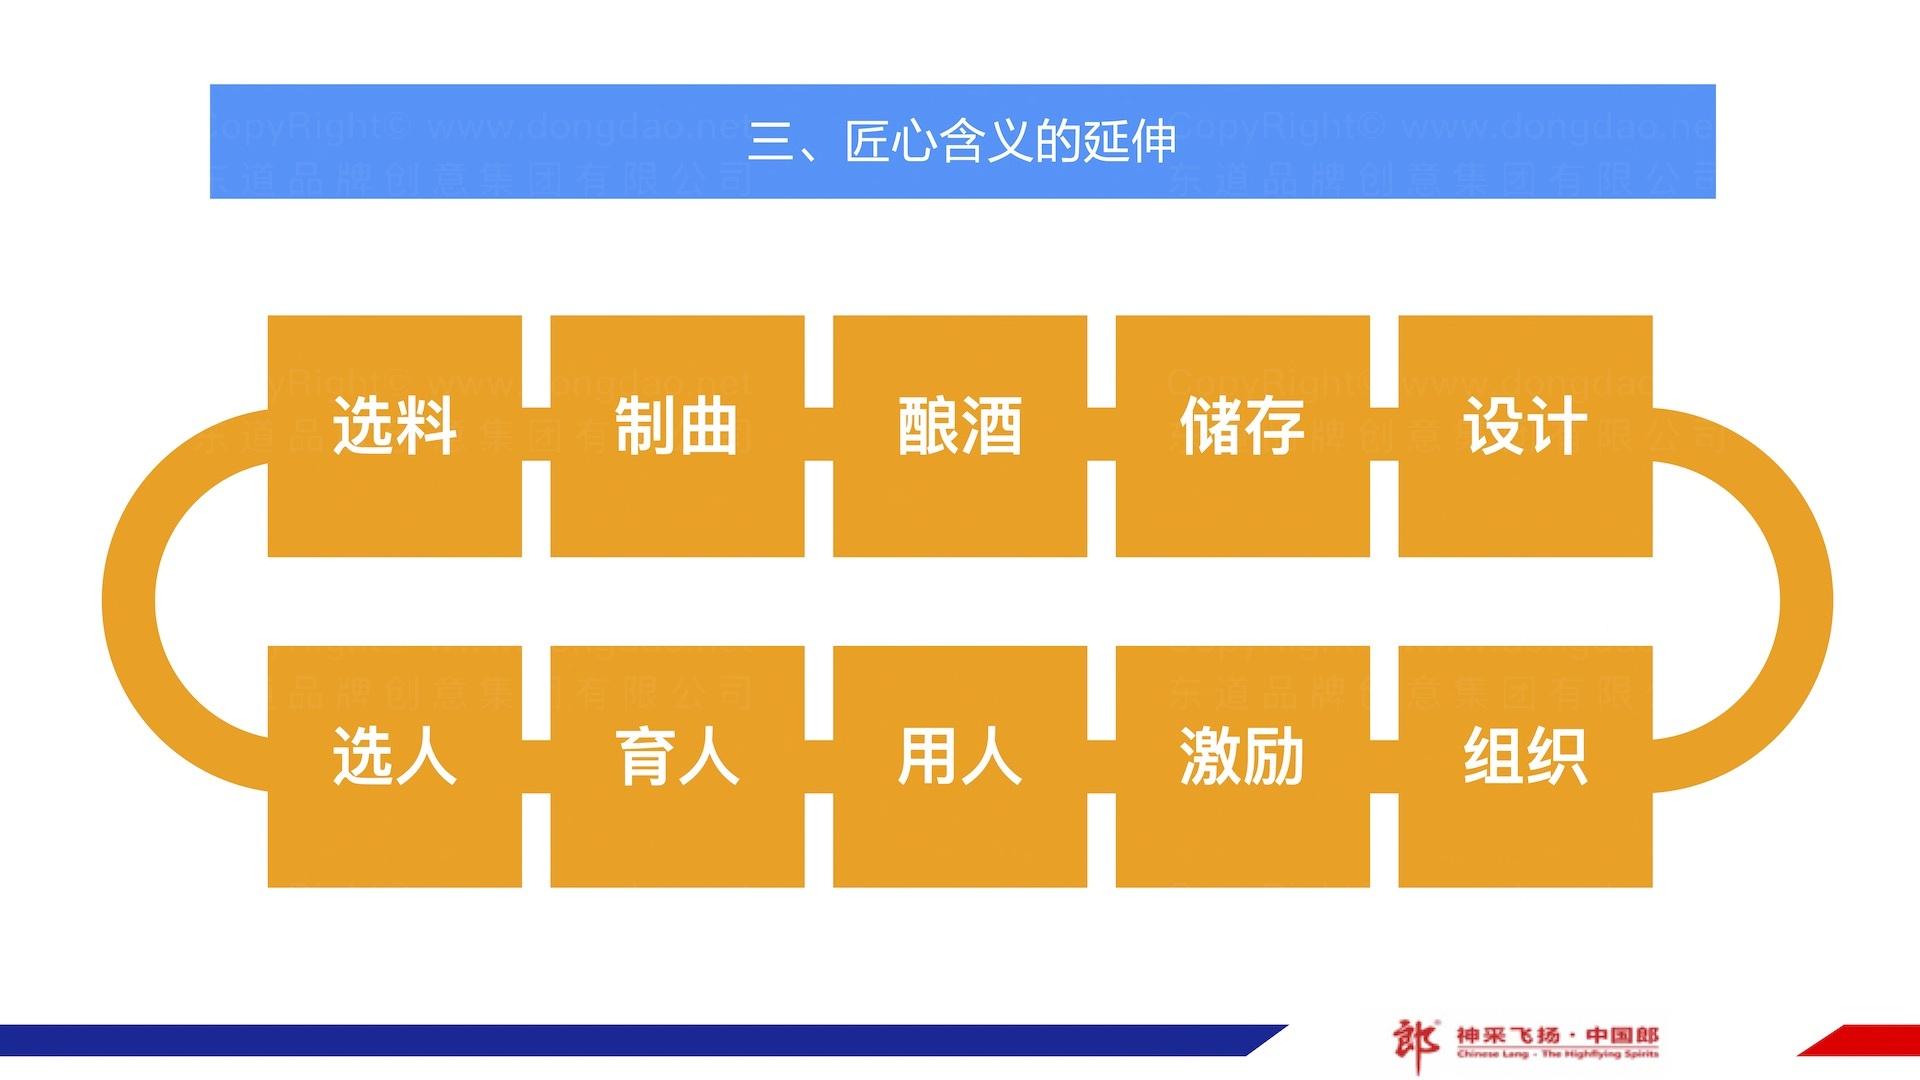 品牌战略&企业文化郎酒企业文化体系方案应用场景_13